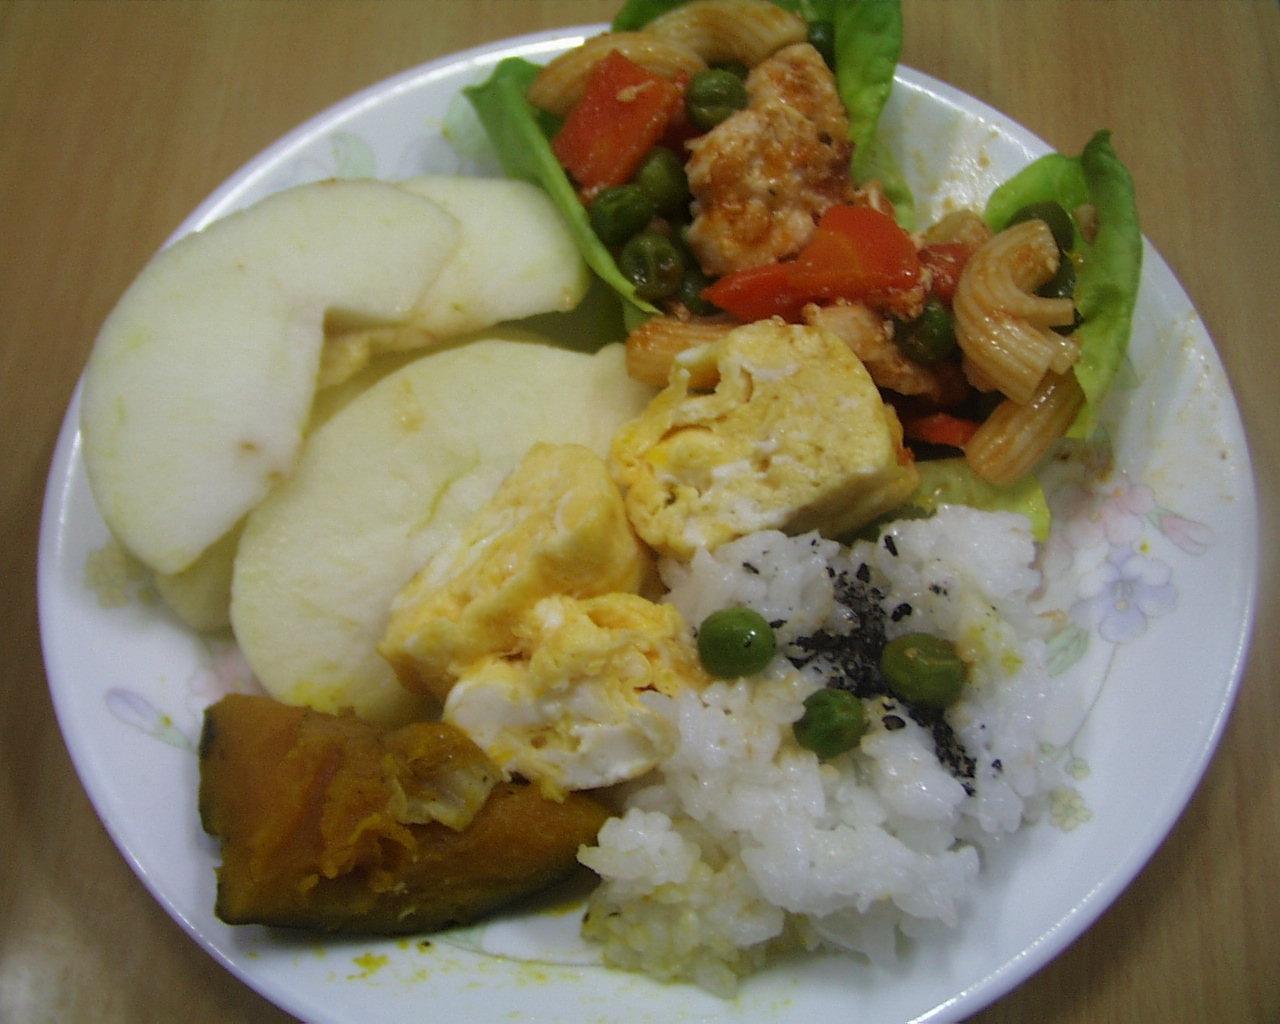 ごはんと、マカロニ、鶏肉、野菜の盛り合わせ